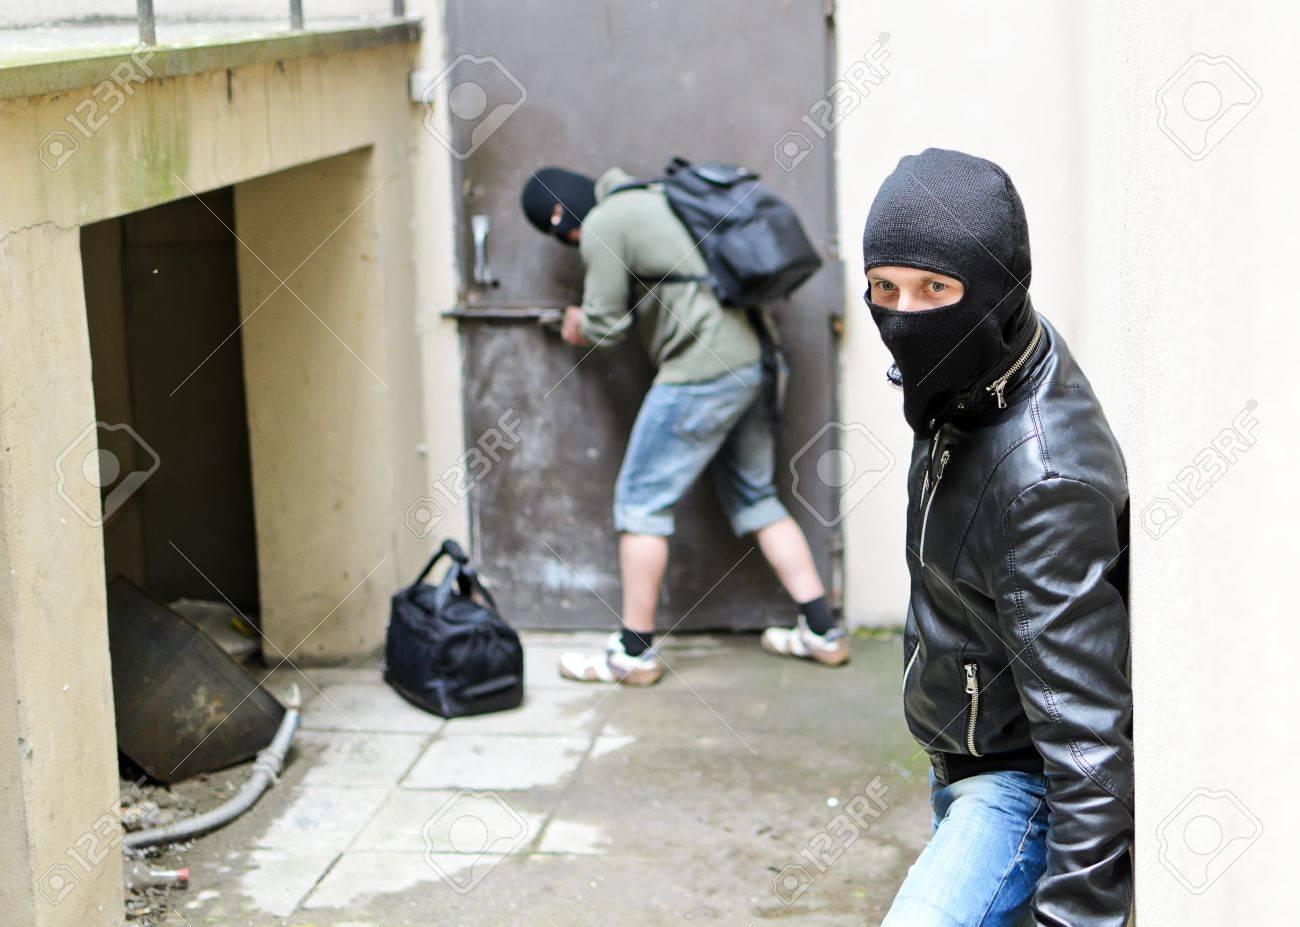 Burglary  One burglar tries open the door  Second is on the lookout Stock Photo - 13559114